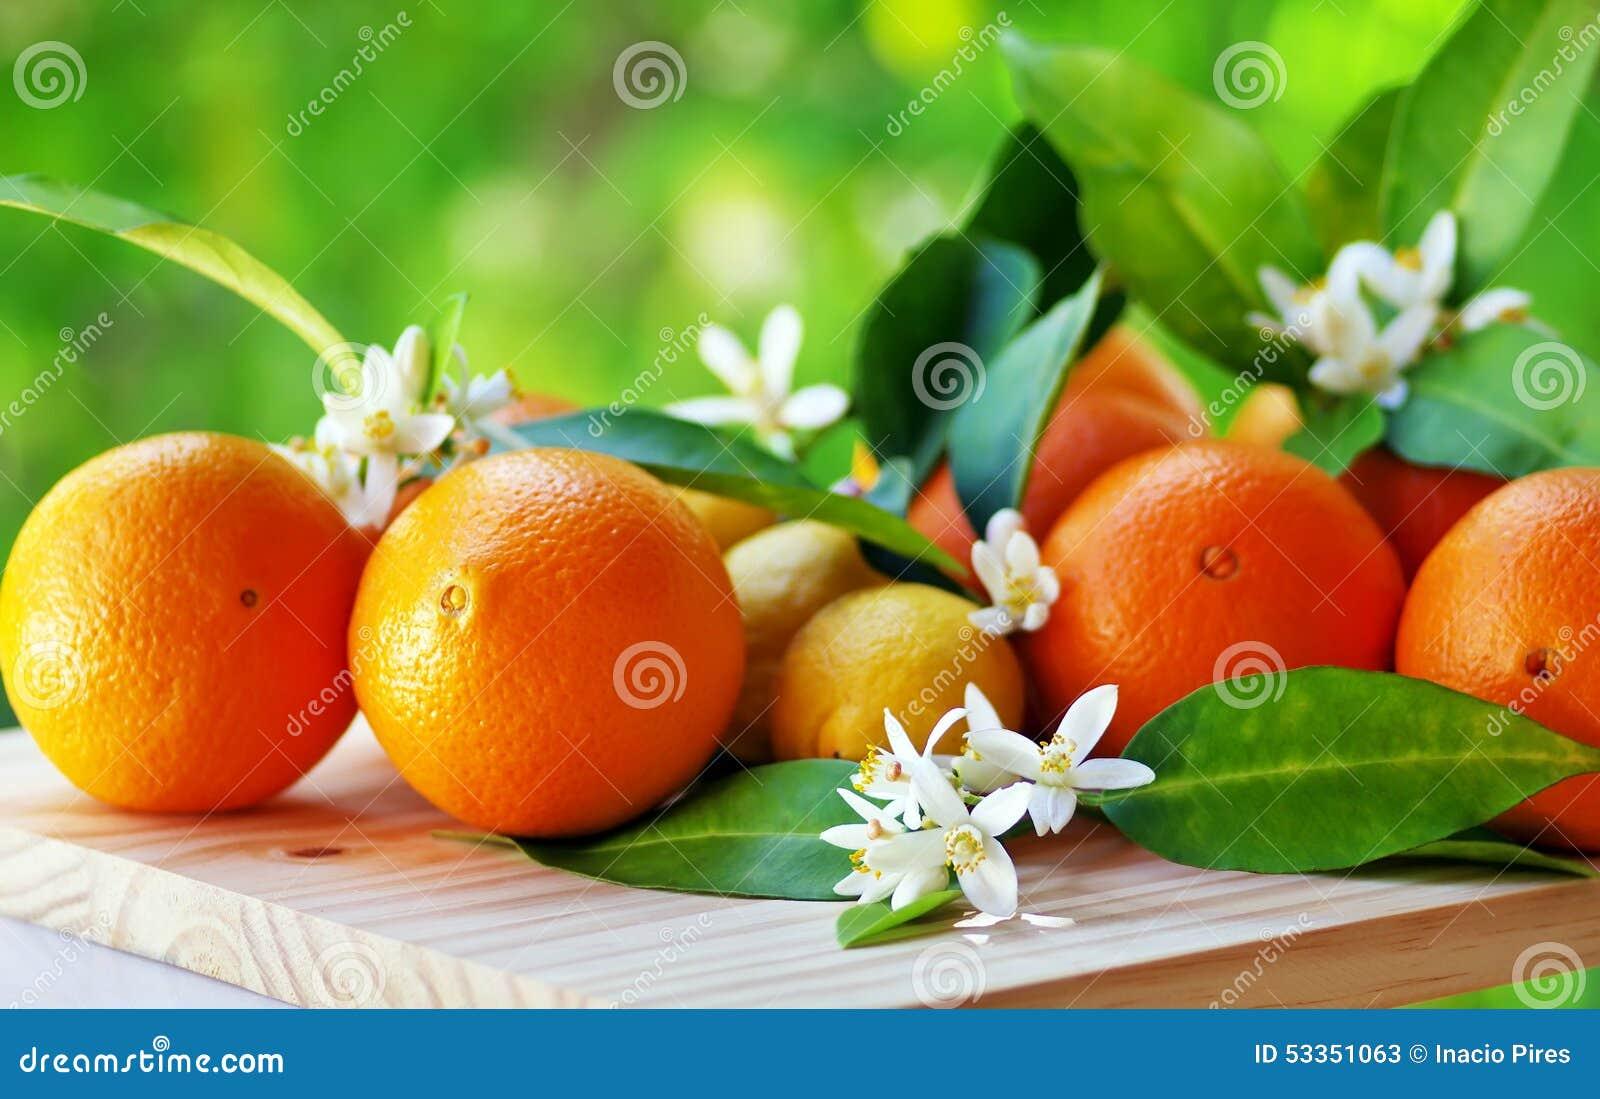 Orange Fruits And Flowers Stock Photo - Image: 53351063